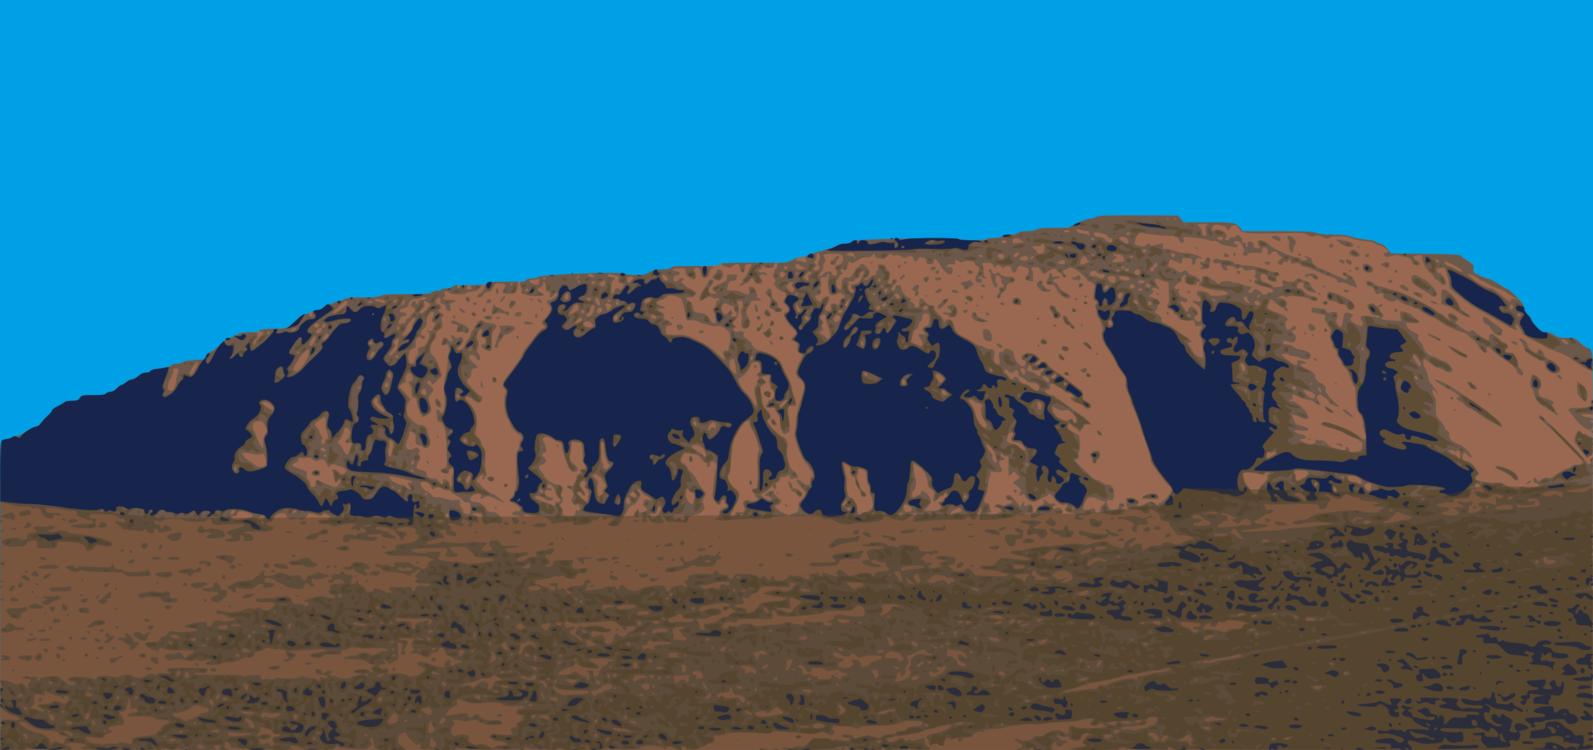 Soil,Terrain,Shrubland